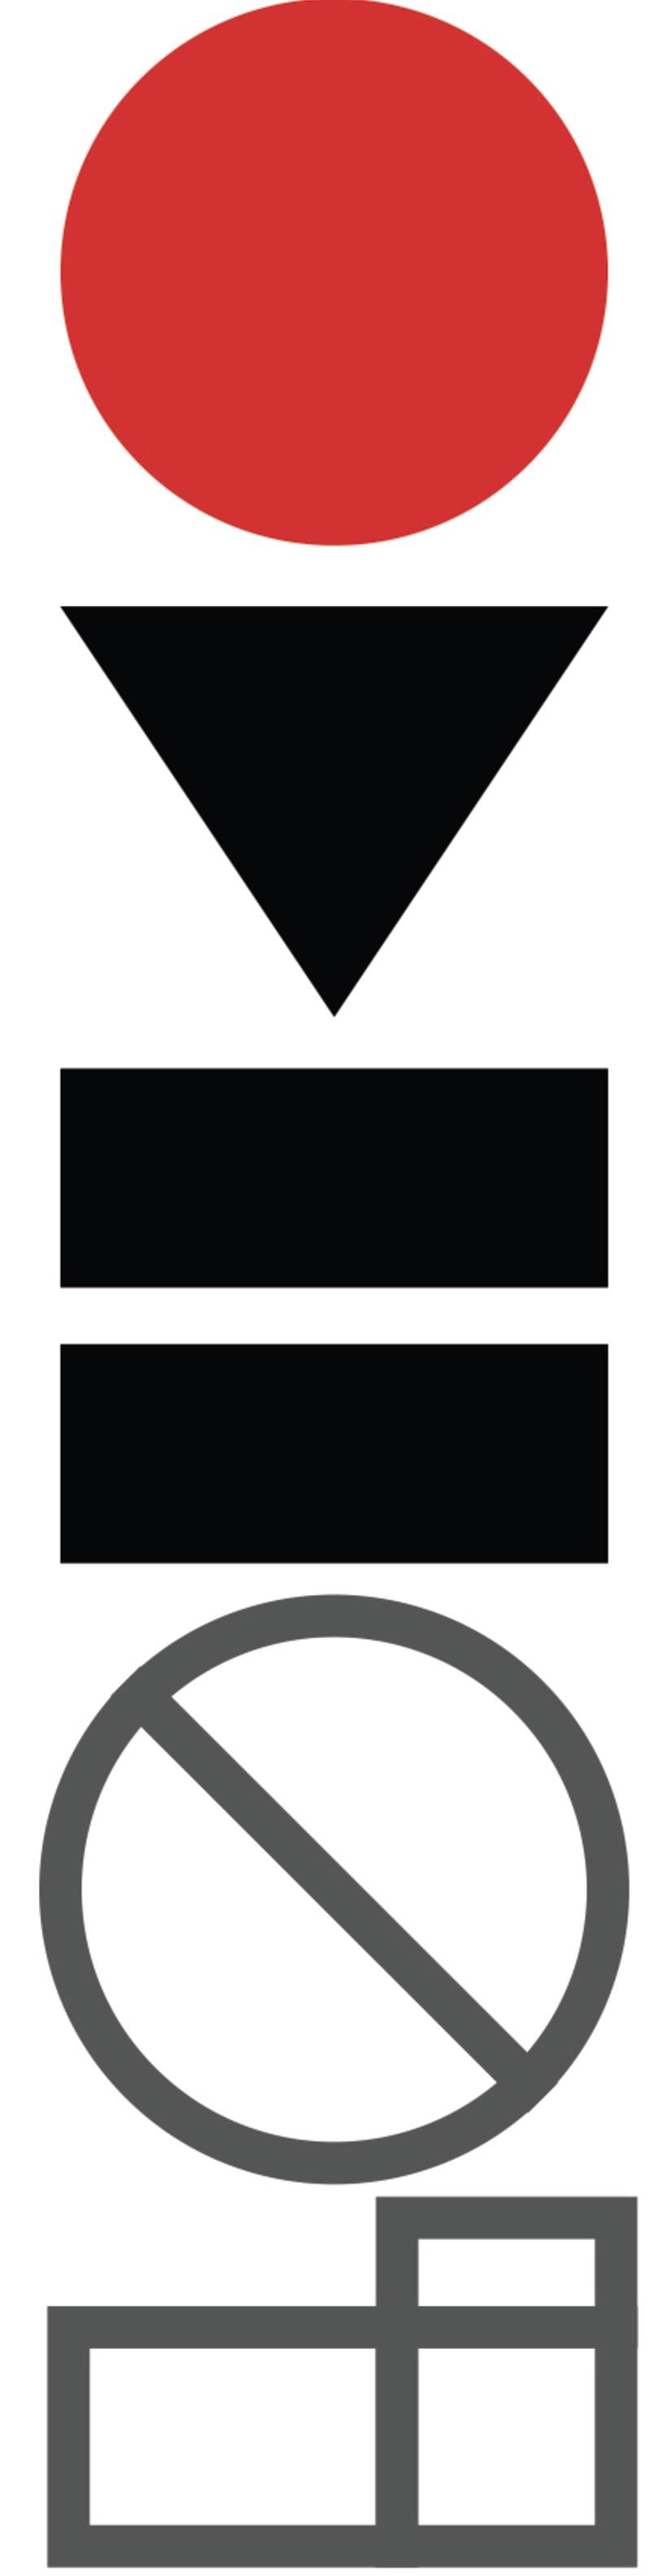 Logos. Logotipos. 4